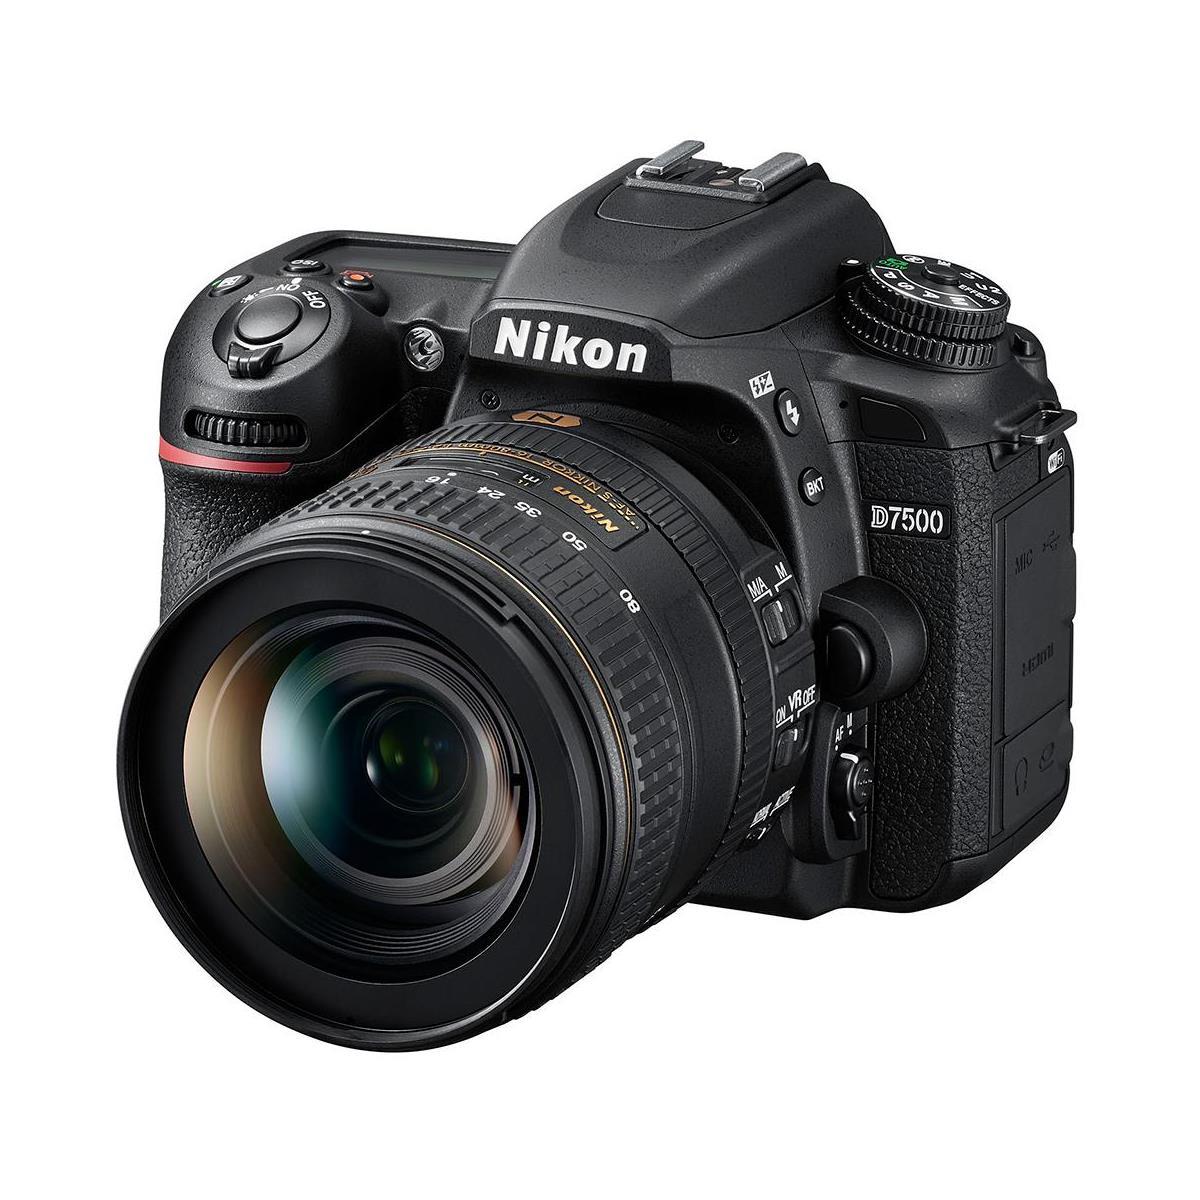 Nikon D7500 DSLR Camera w/16-80 f2.8-4 Lens